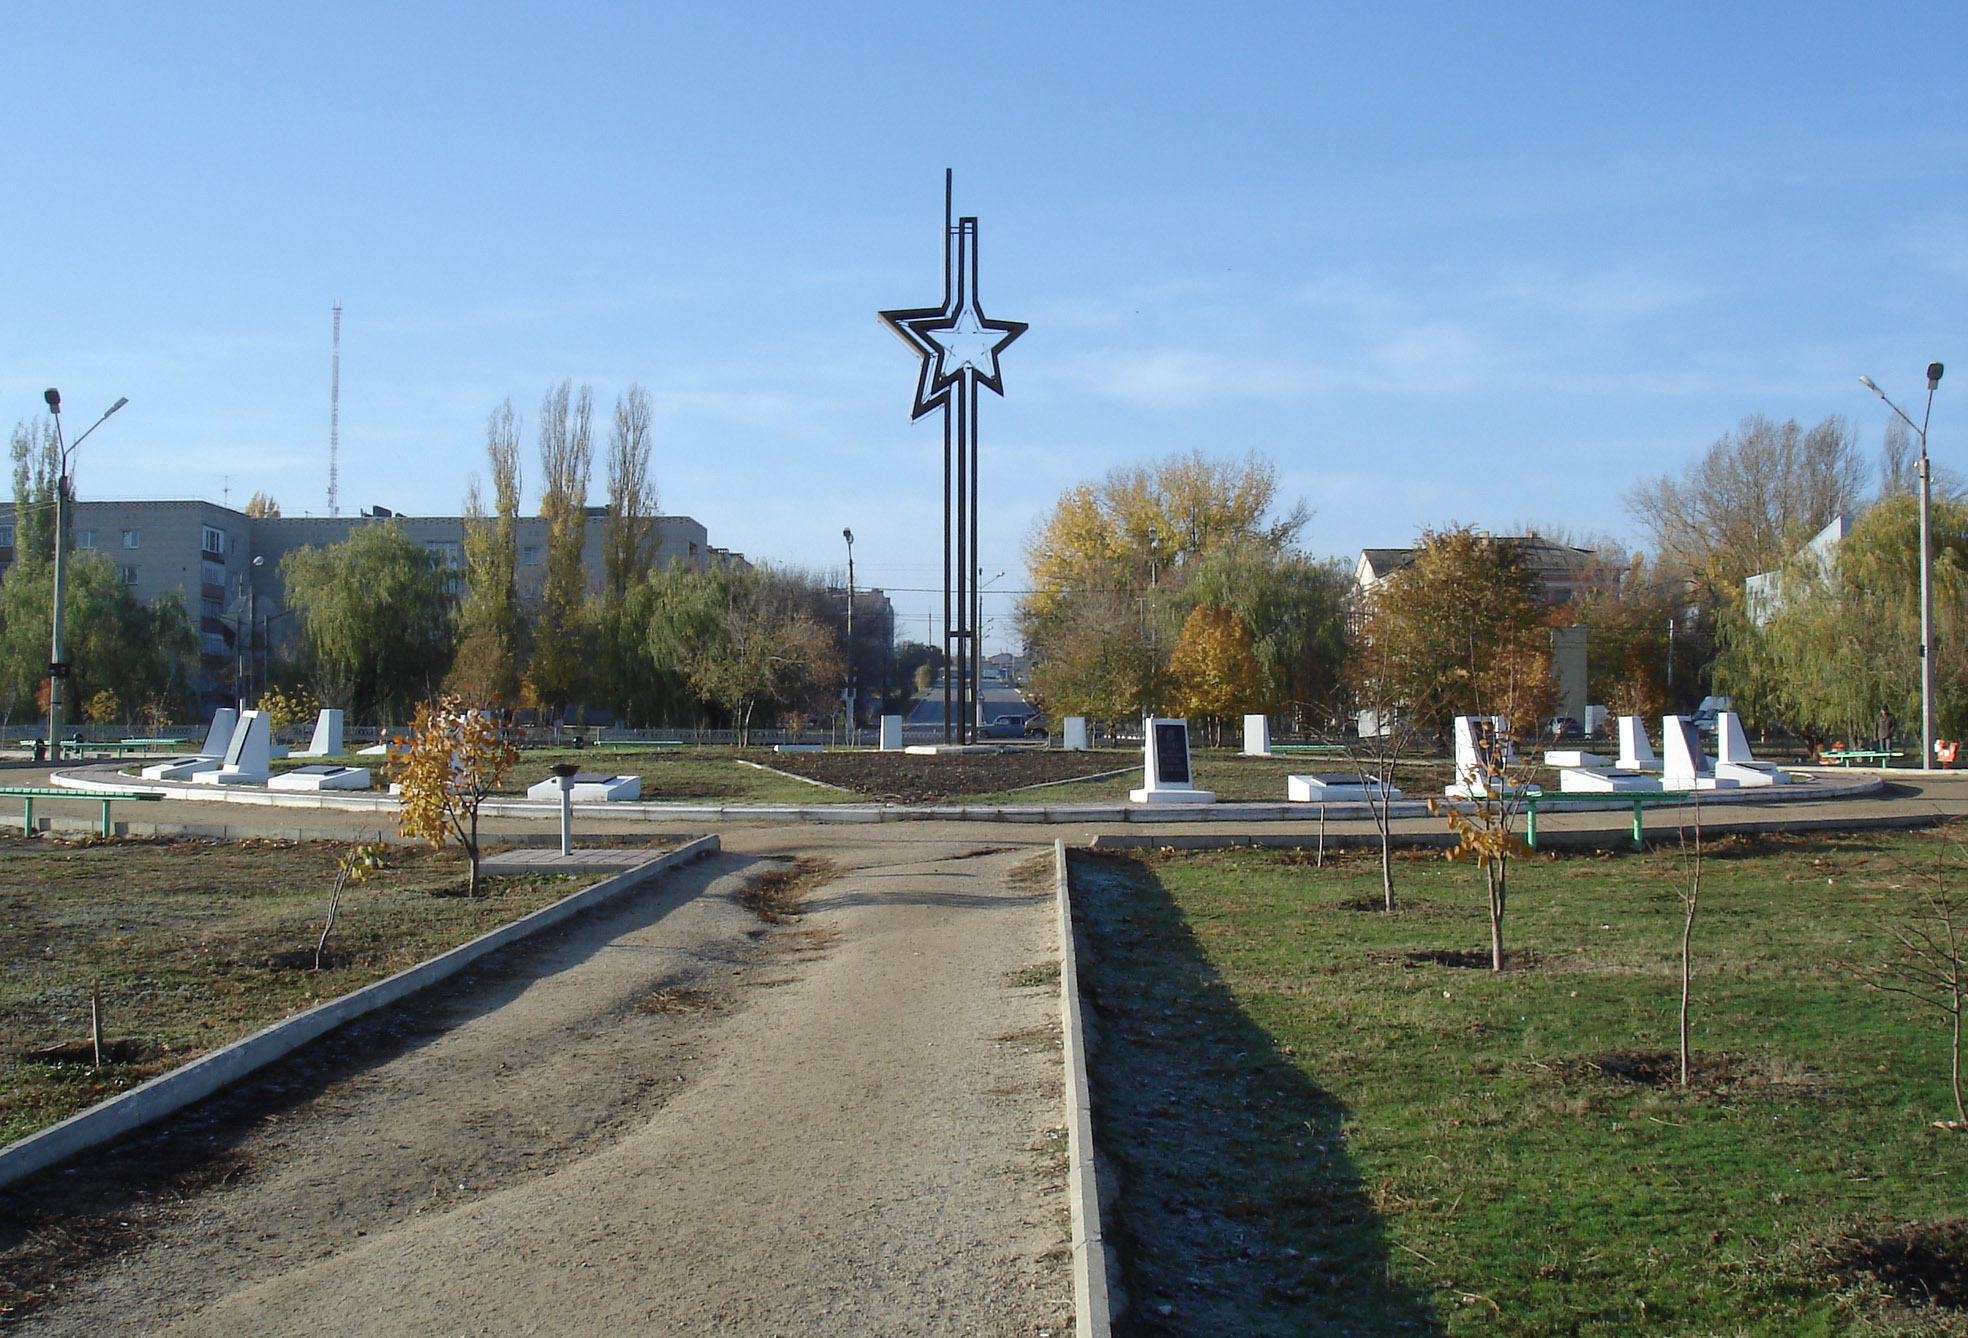 движение схемы маршрута олимпийского огня в белгороде